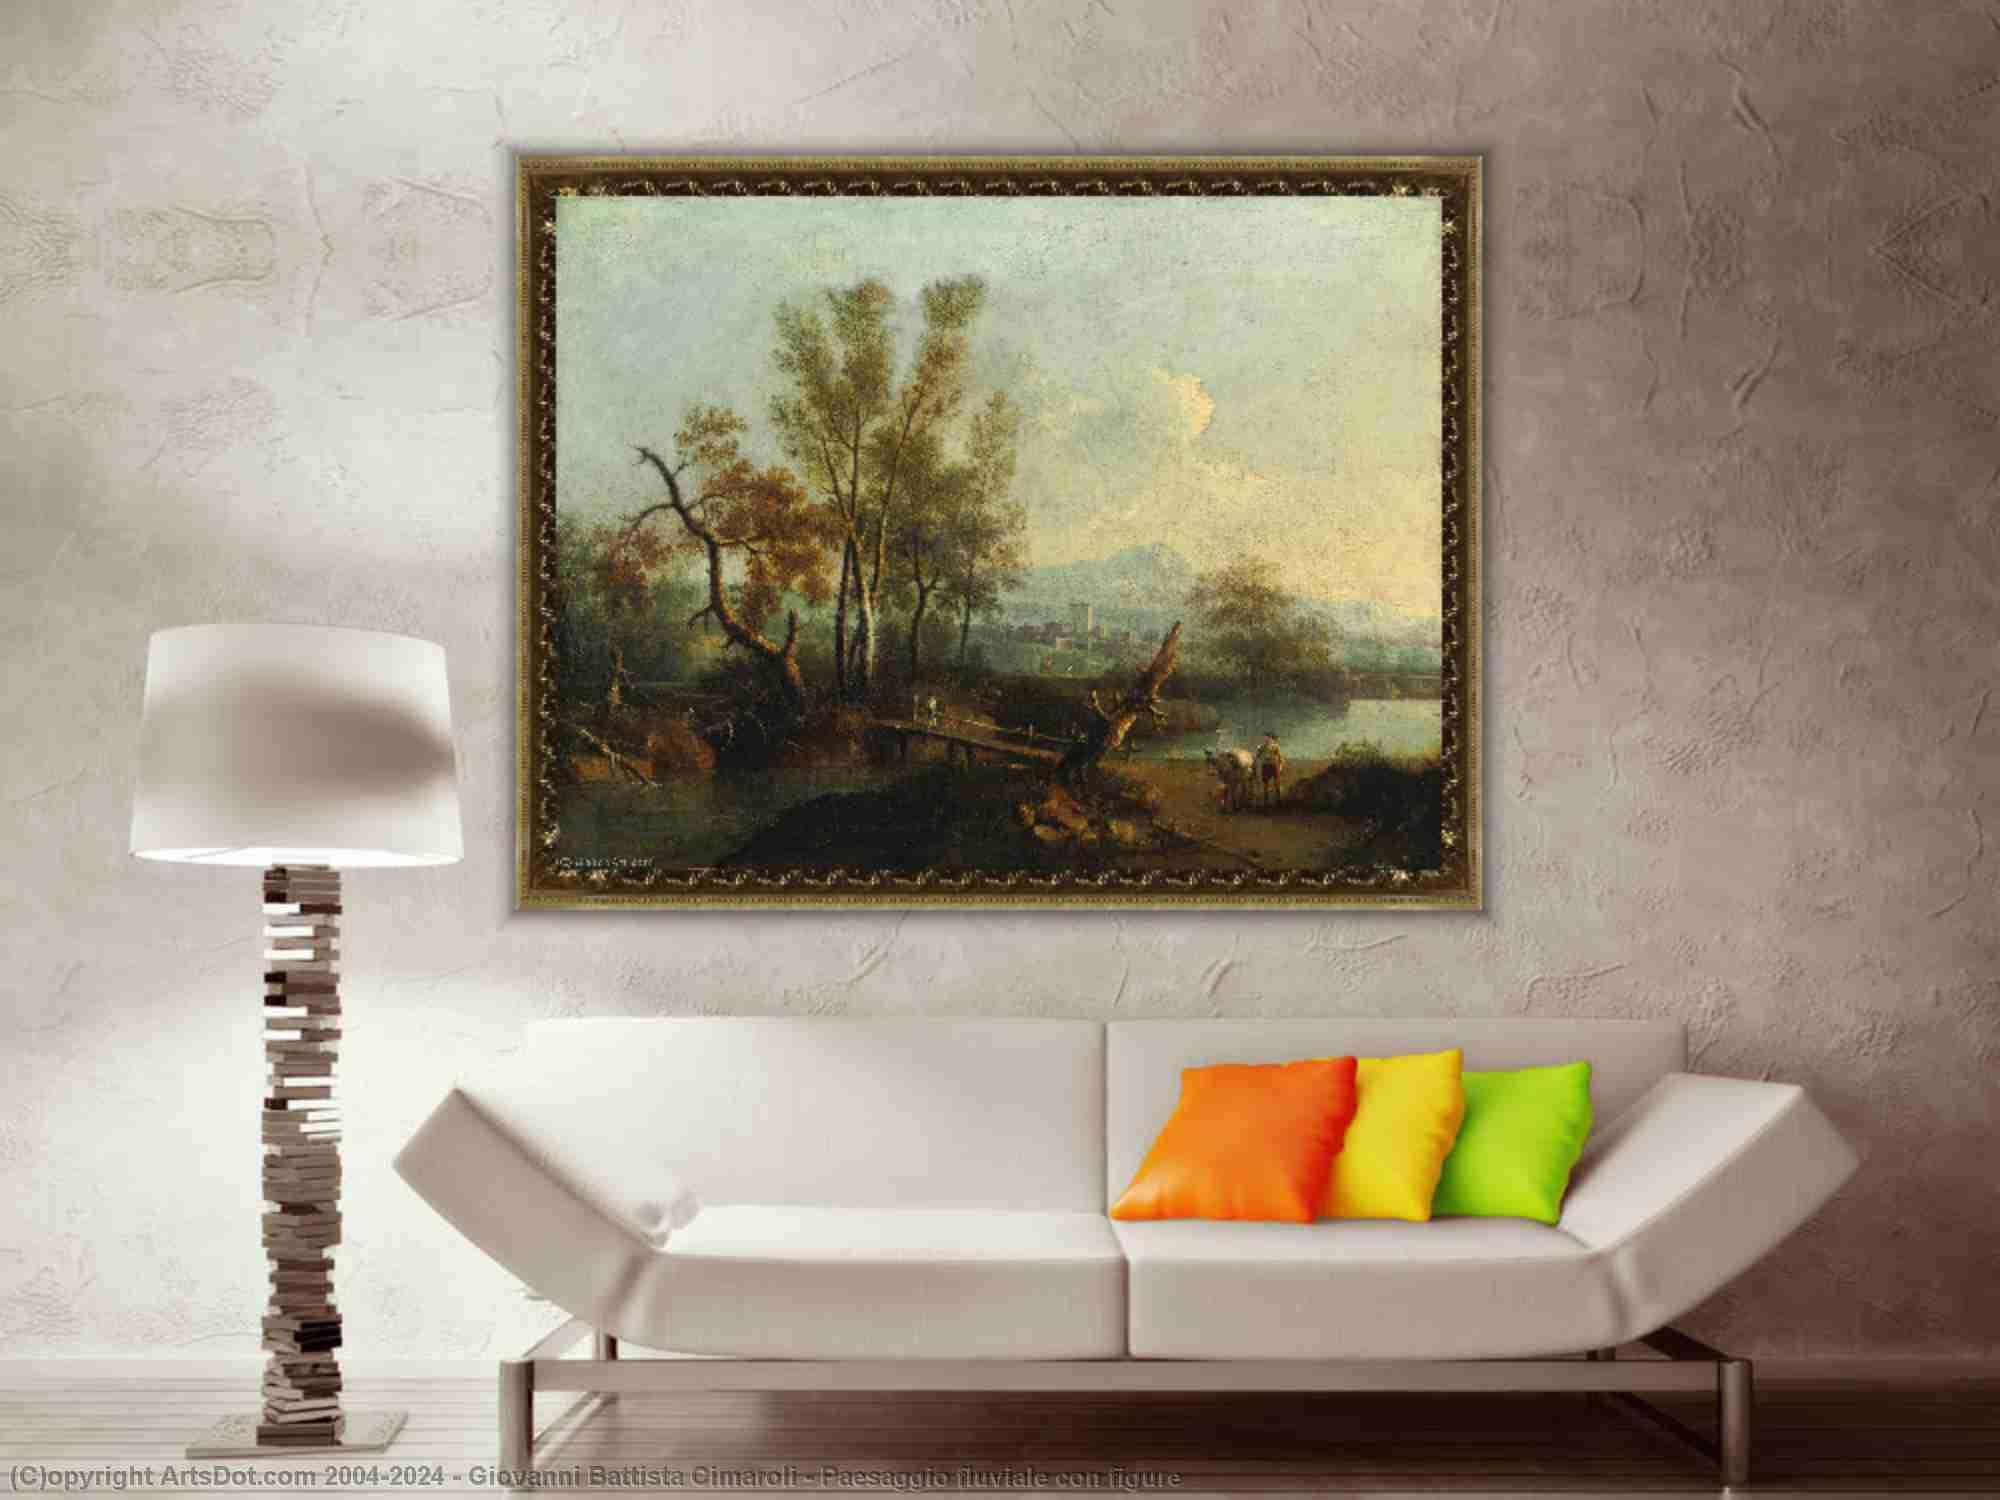 Giovanni Battista Cimaroli - Paesaggio fluviale contro figura